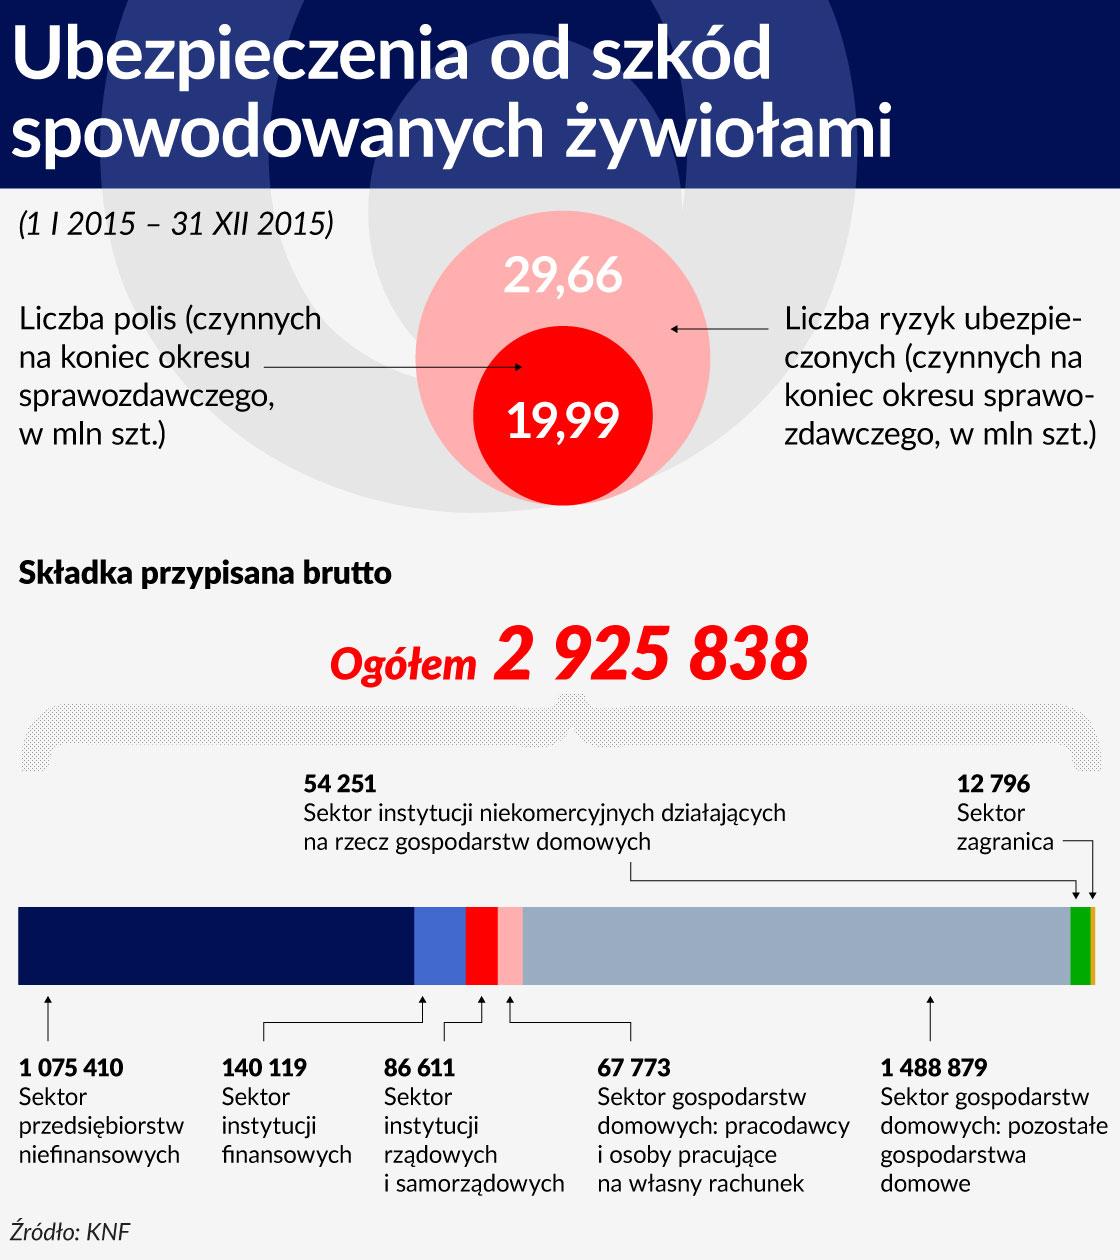 Wykres SRODEK Ubezpieczenia od szkod spowodowanych zywiolami 1120